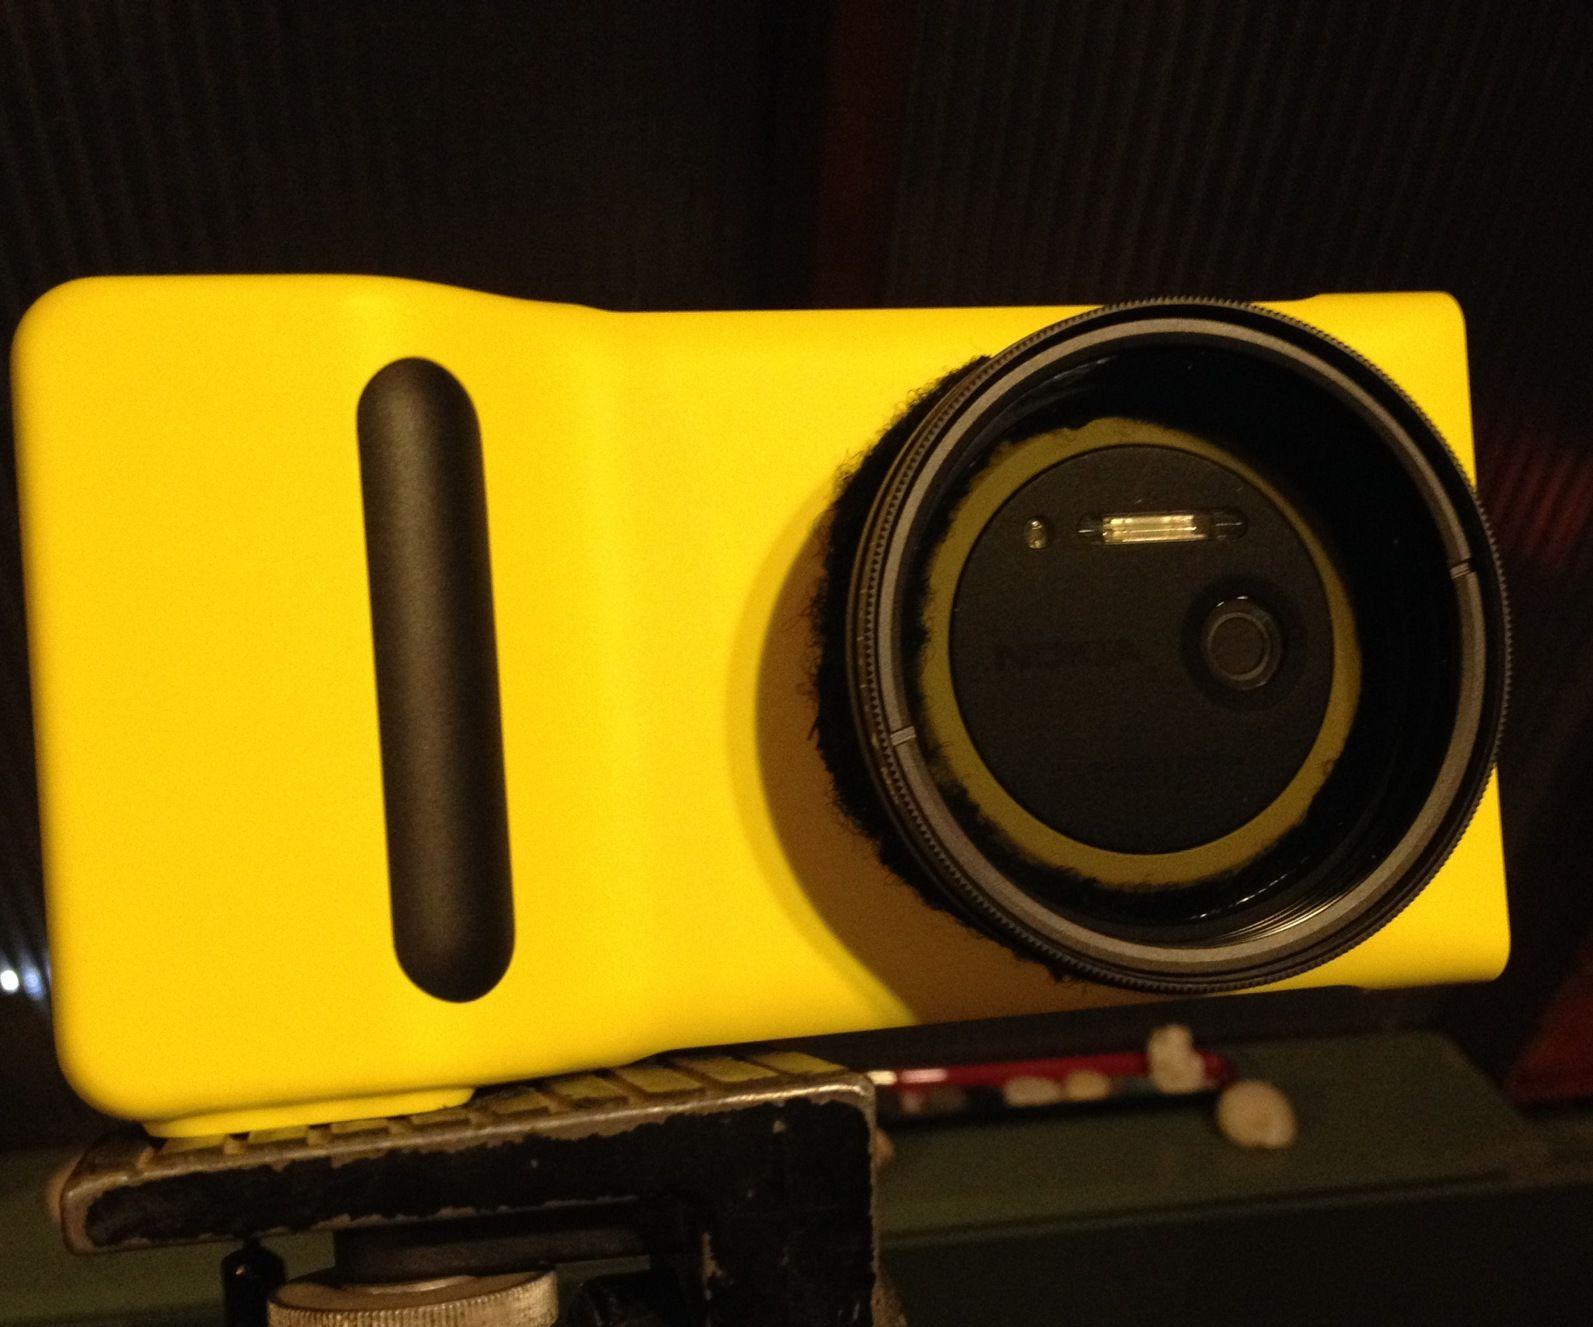 Nokia Lumia 1020 Filter Mount